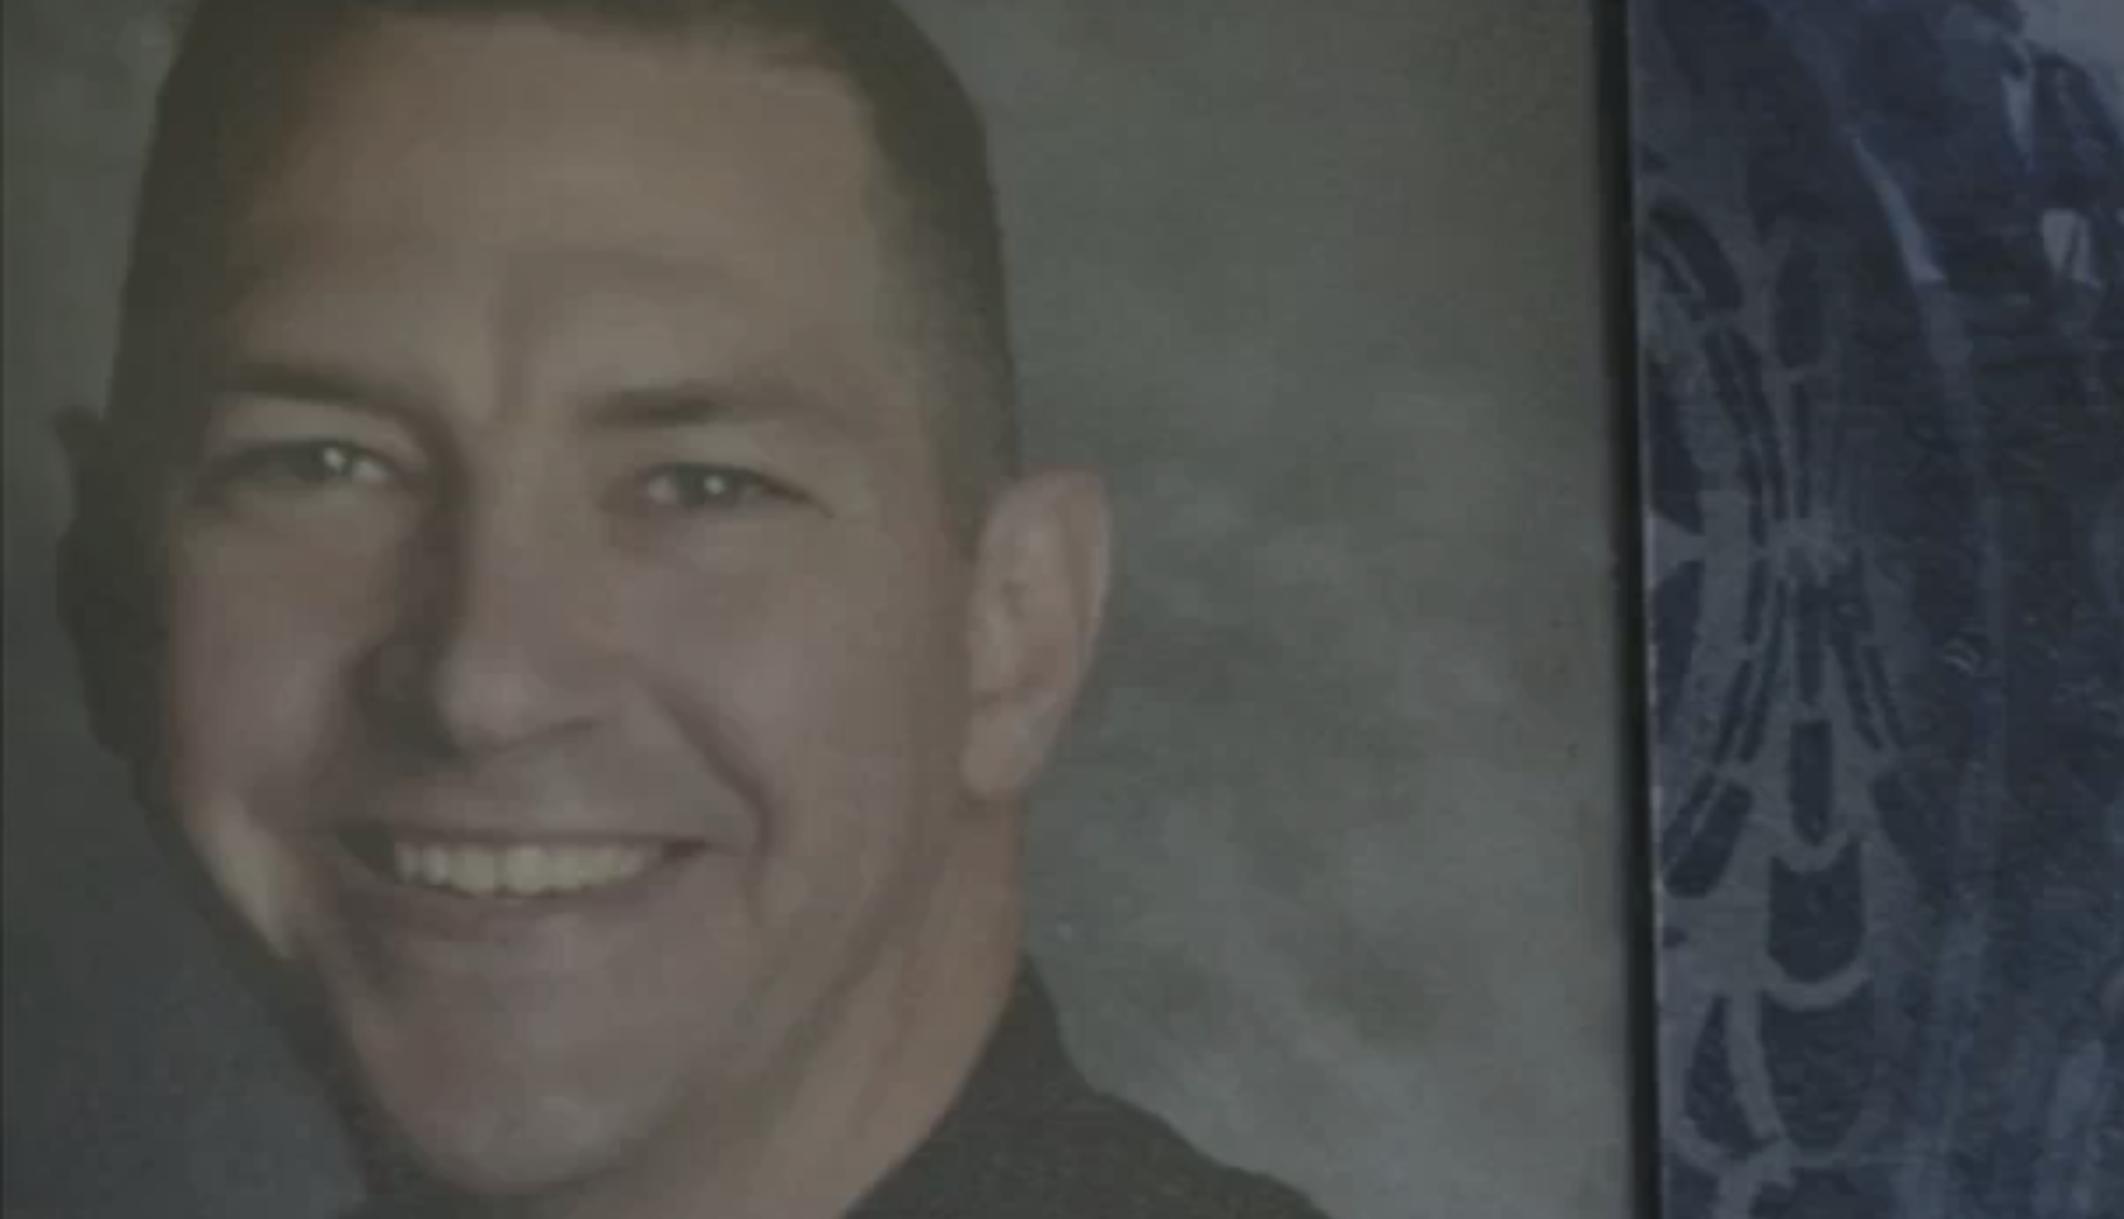 שוטר ברדסטאון ג'ייסון אליס נרצח מחקירת פריצה, אומר אסיר אנונימי